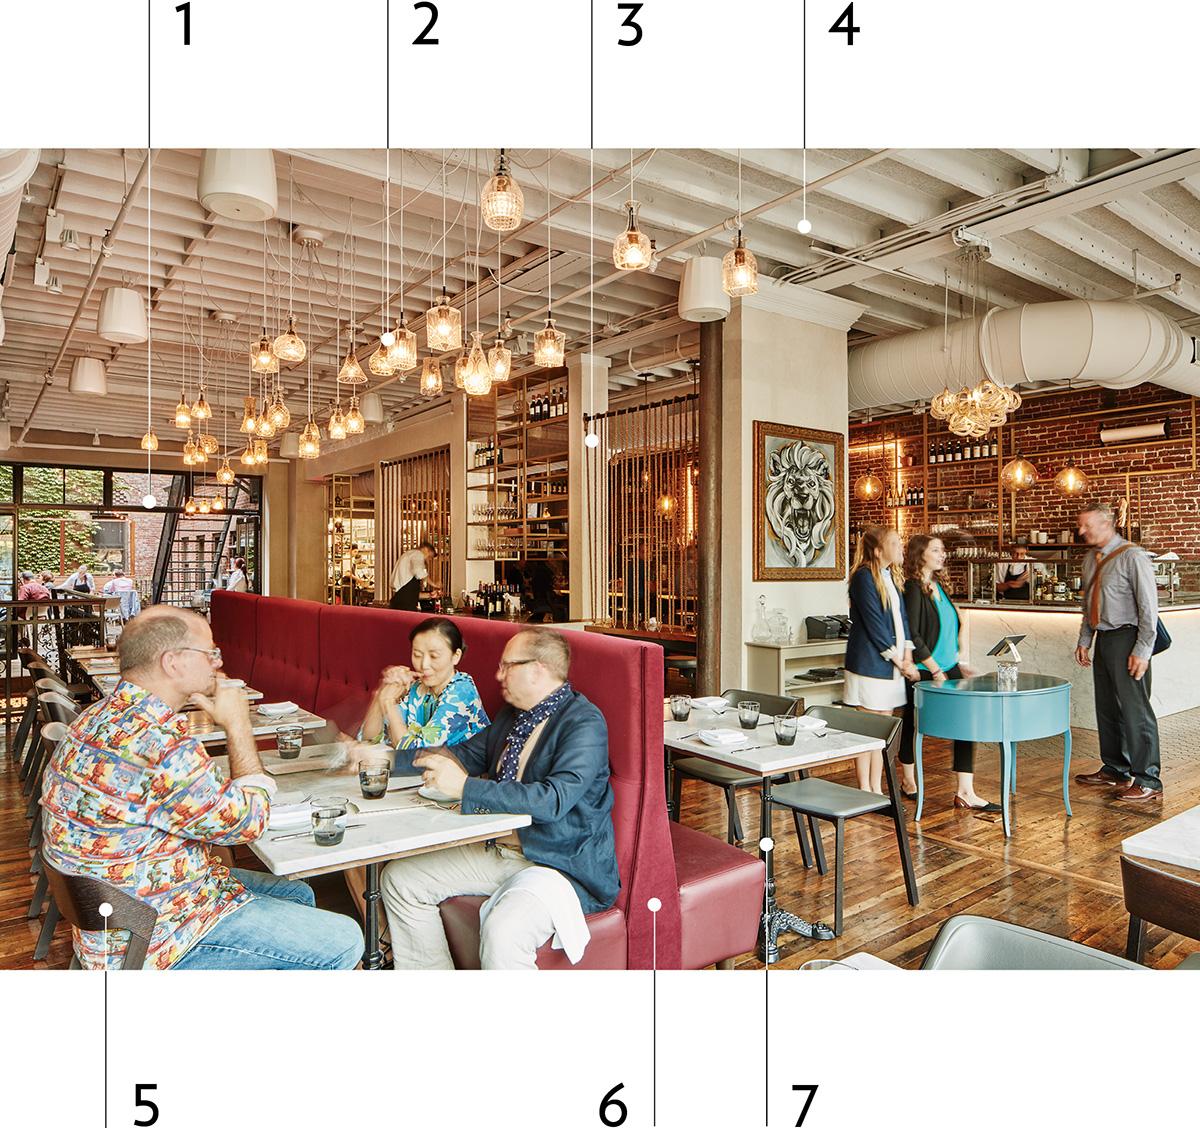 srv restaurant design